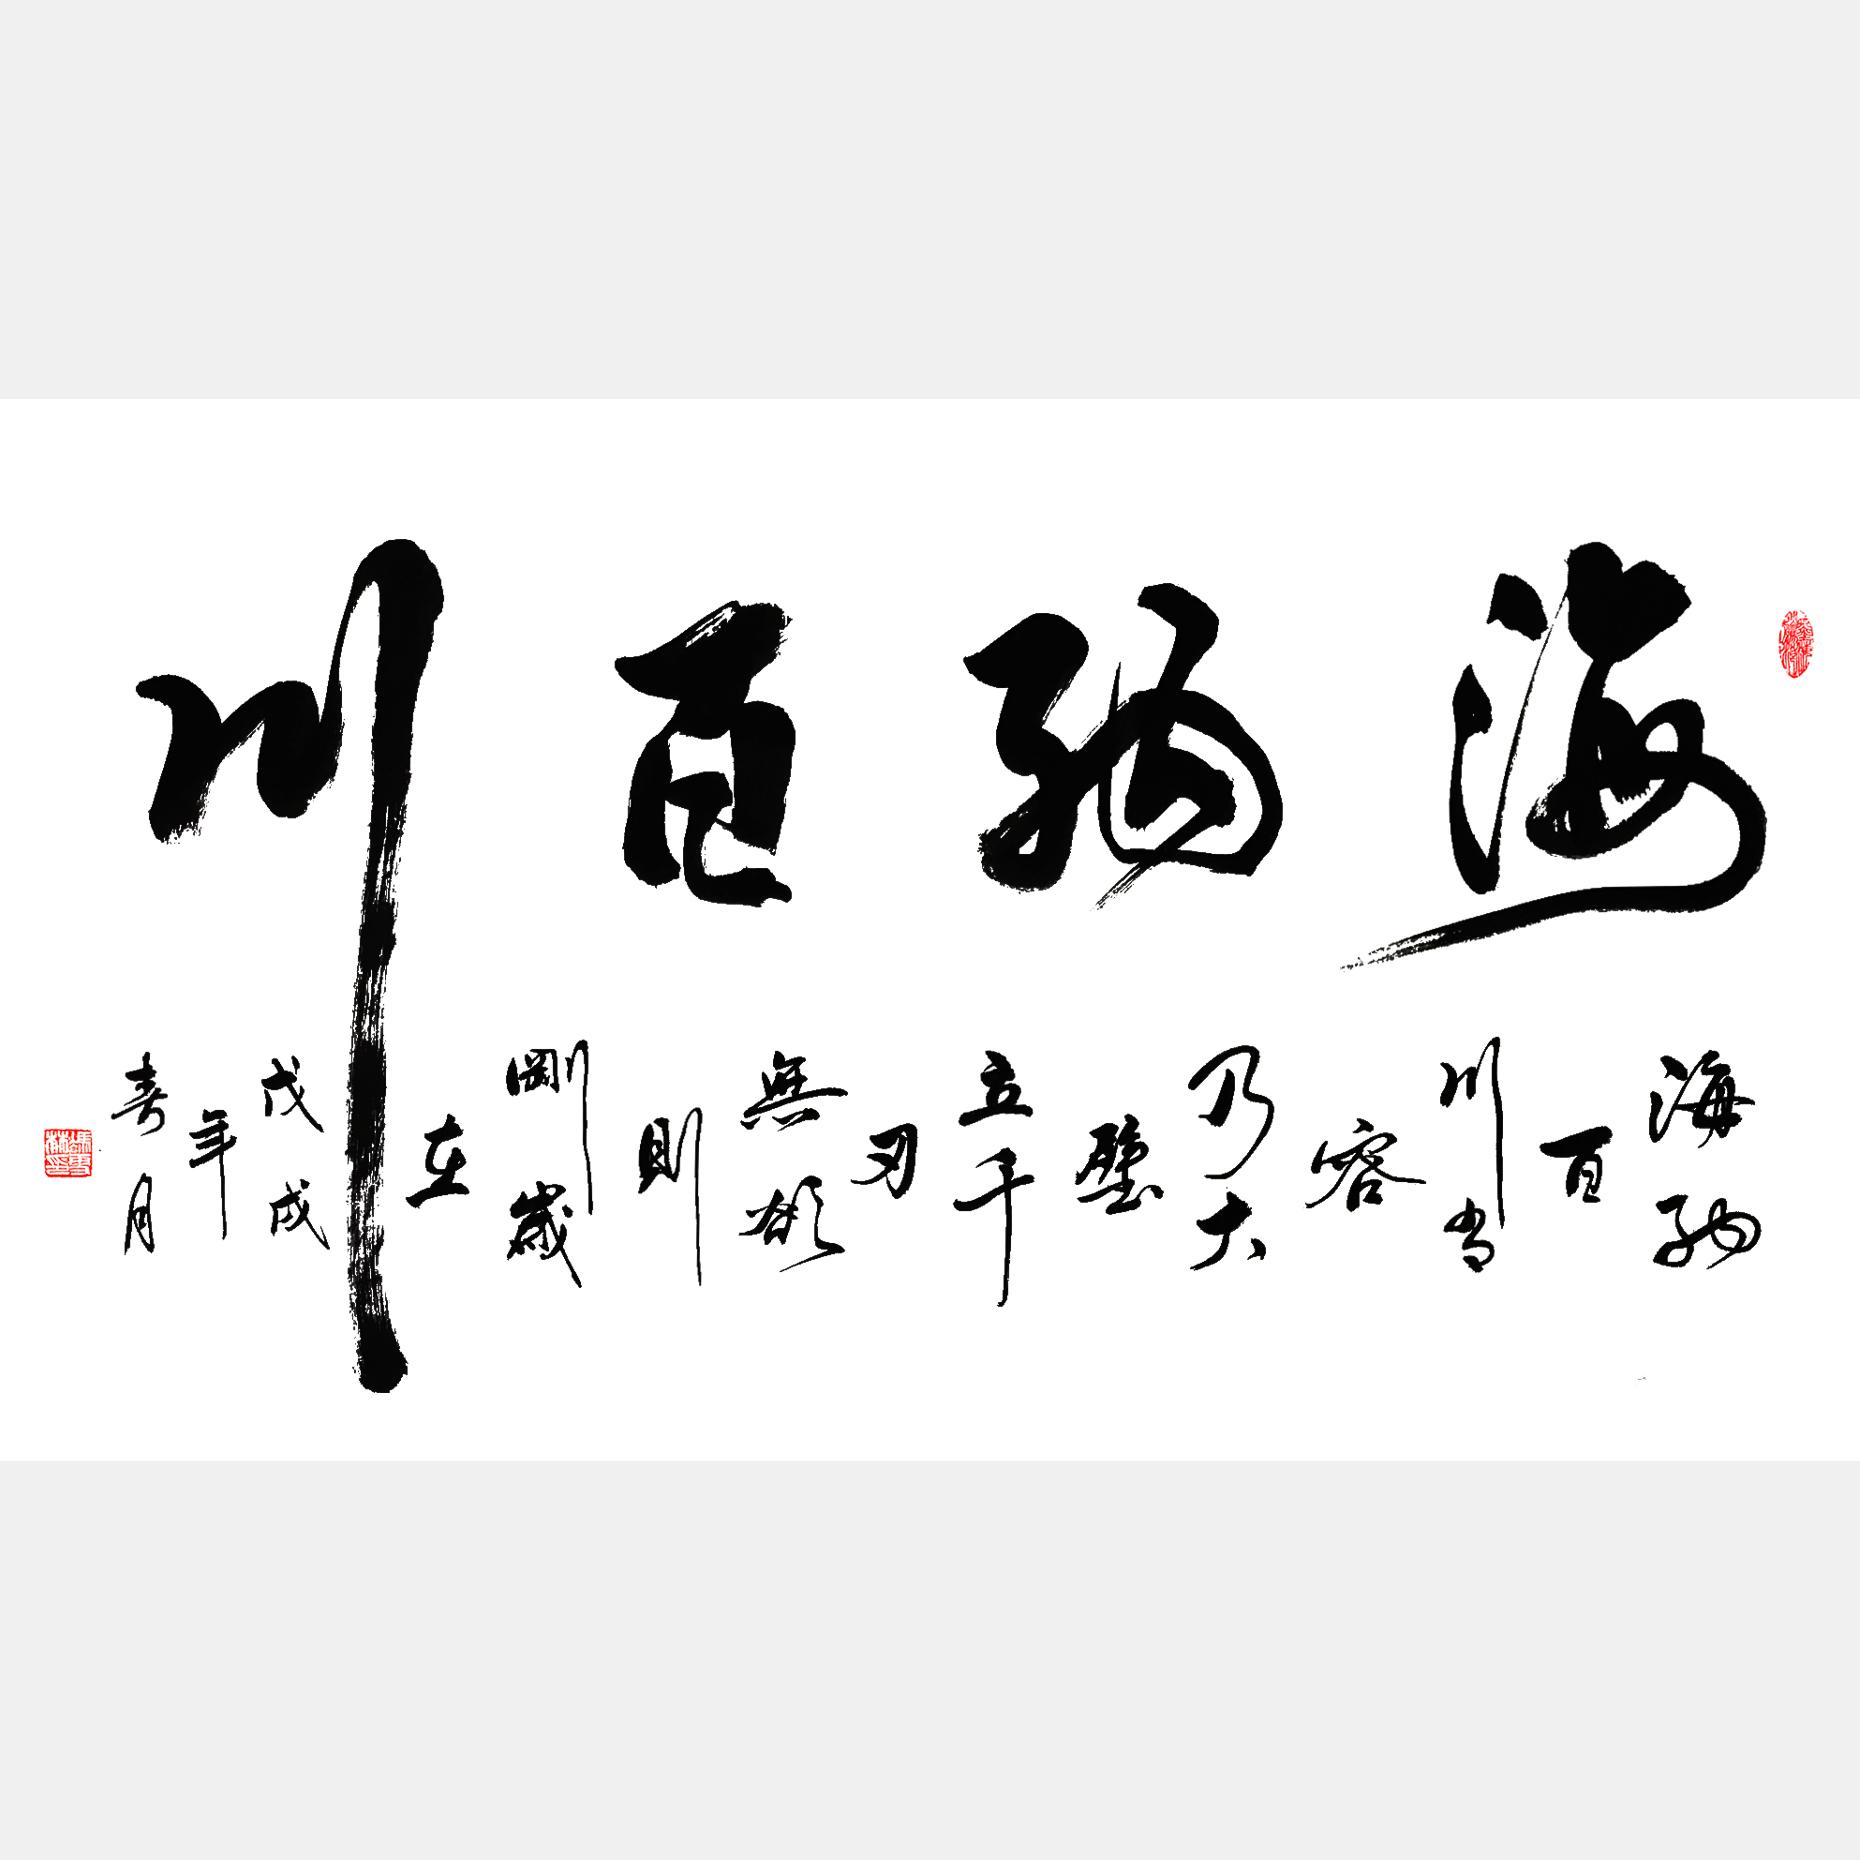 海纳百川书法作品图片 海纳百川有容乃大壁立千仞无欲则刚书法欣赏